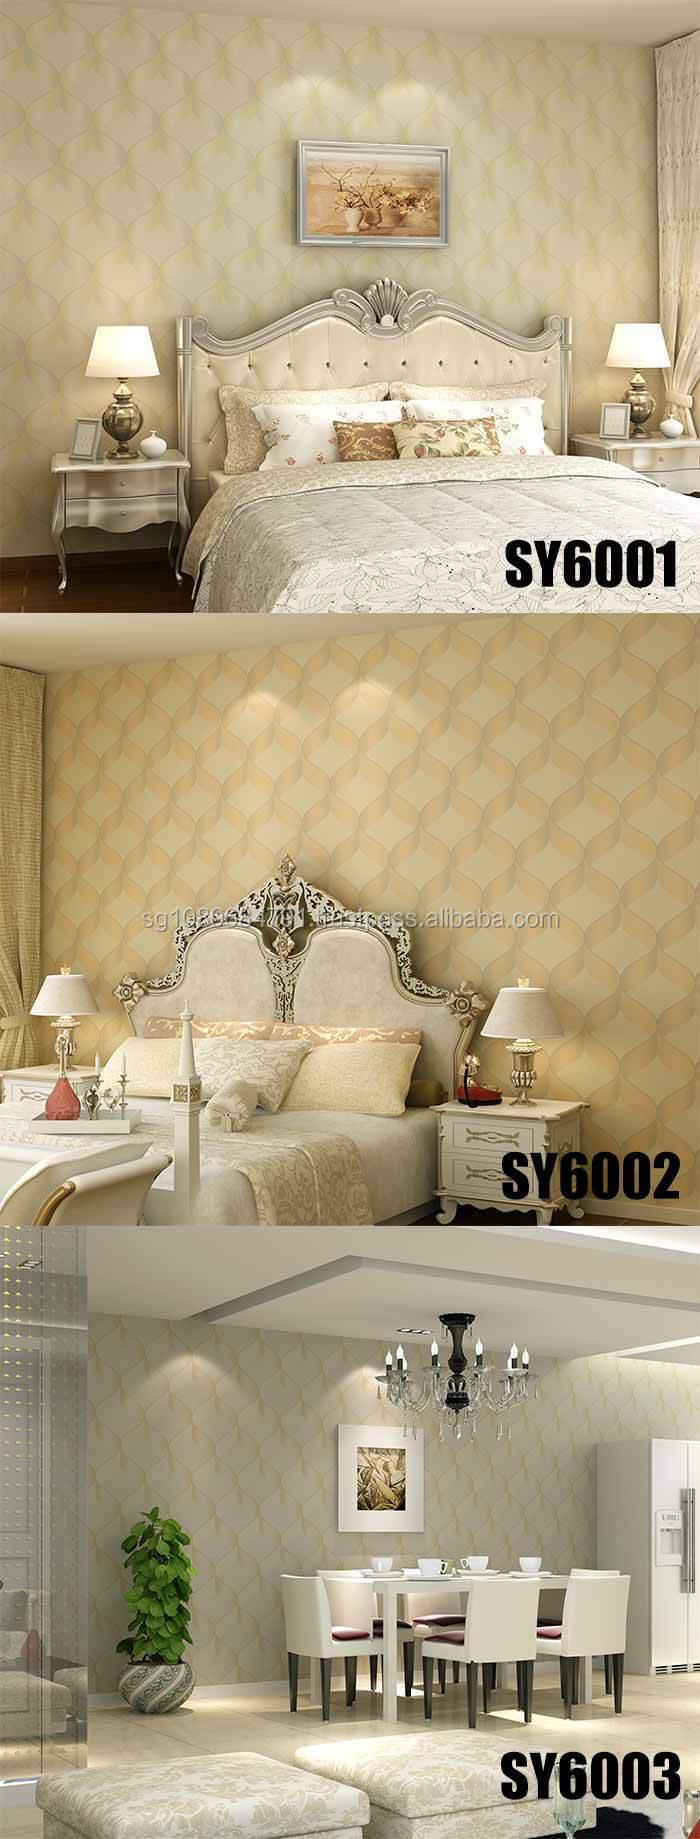 Wooden Almirah Designs In Bedroom/korean Wallpaper/paper Decorations ...